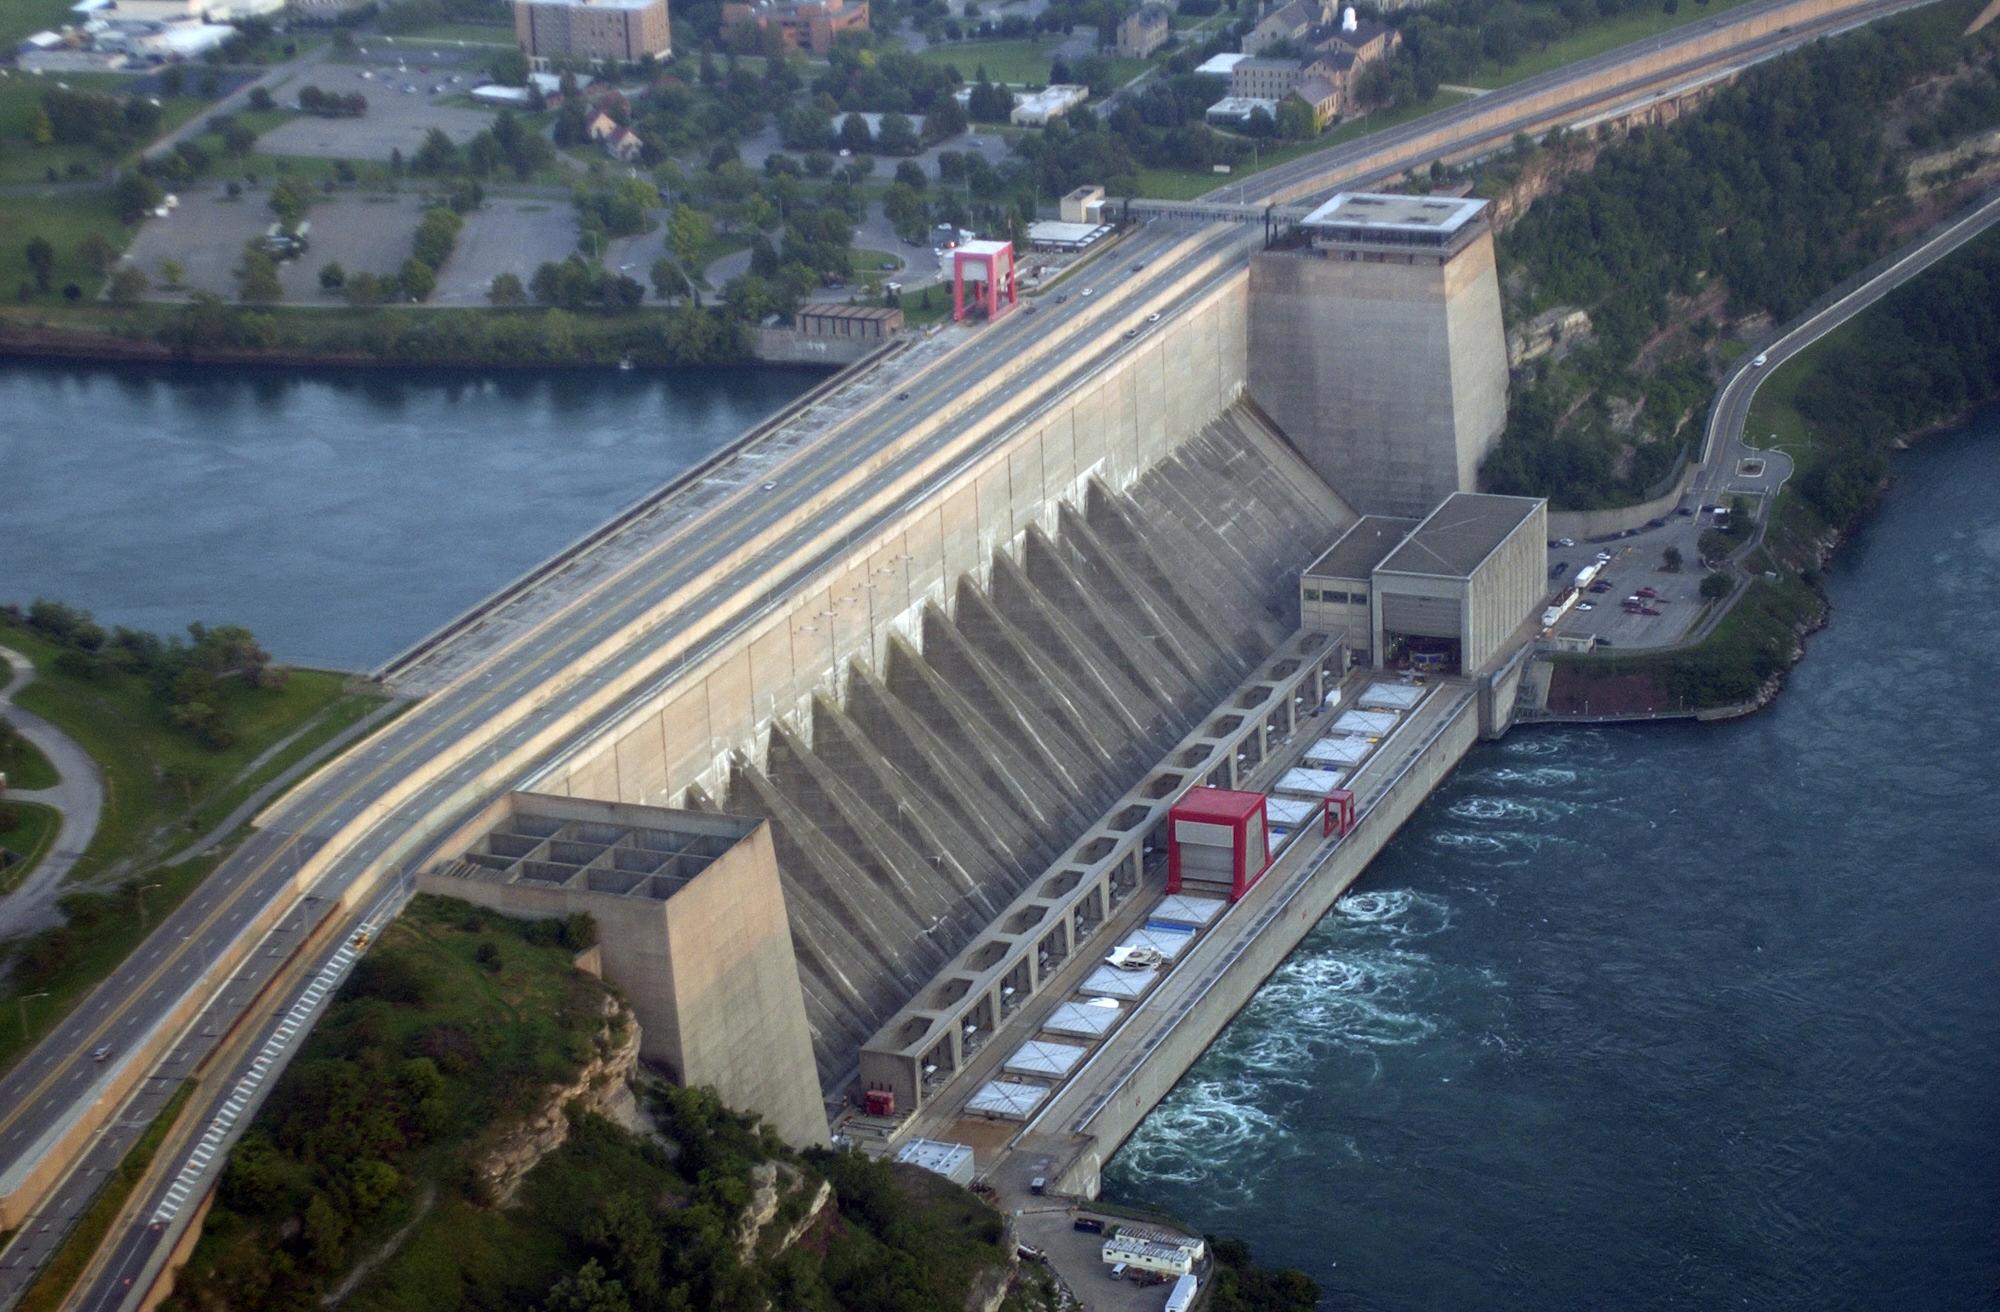 Un barrage sur un fleuve. (© AP Images)